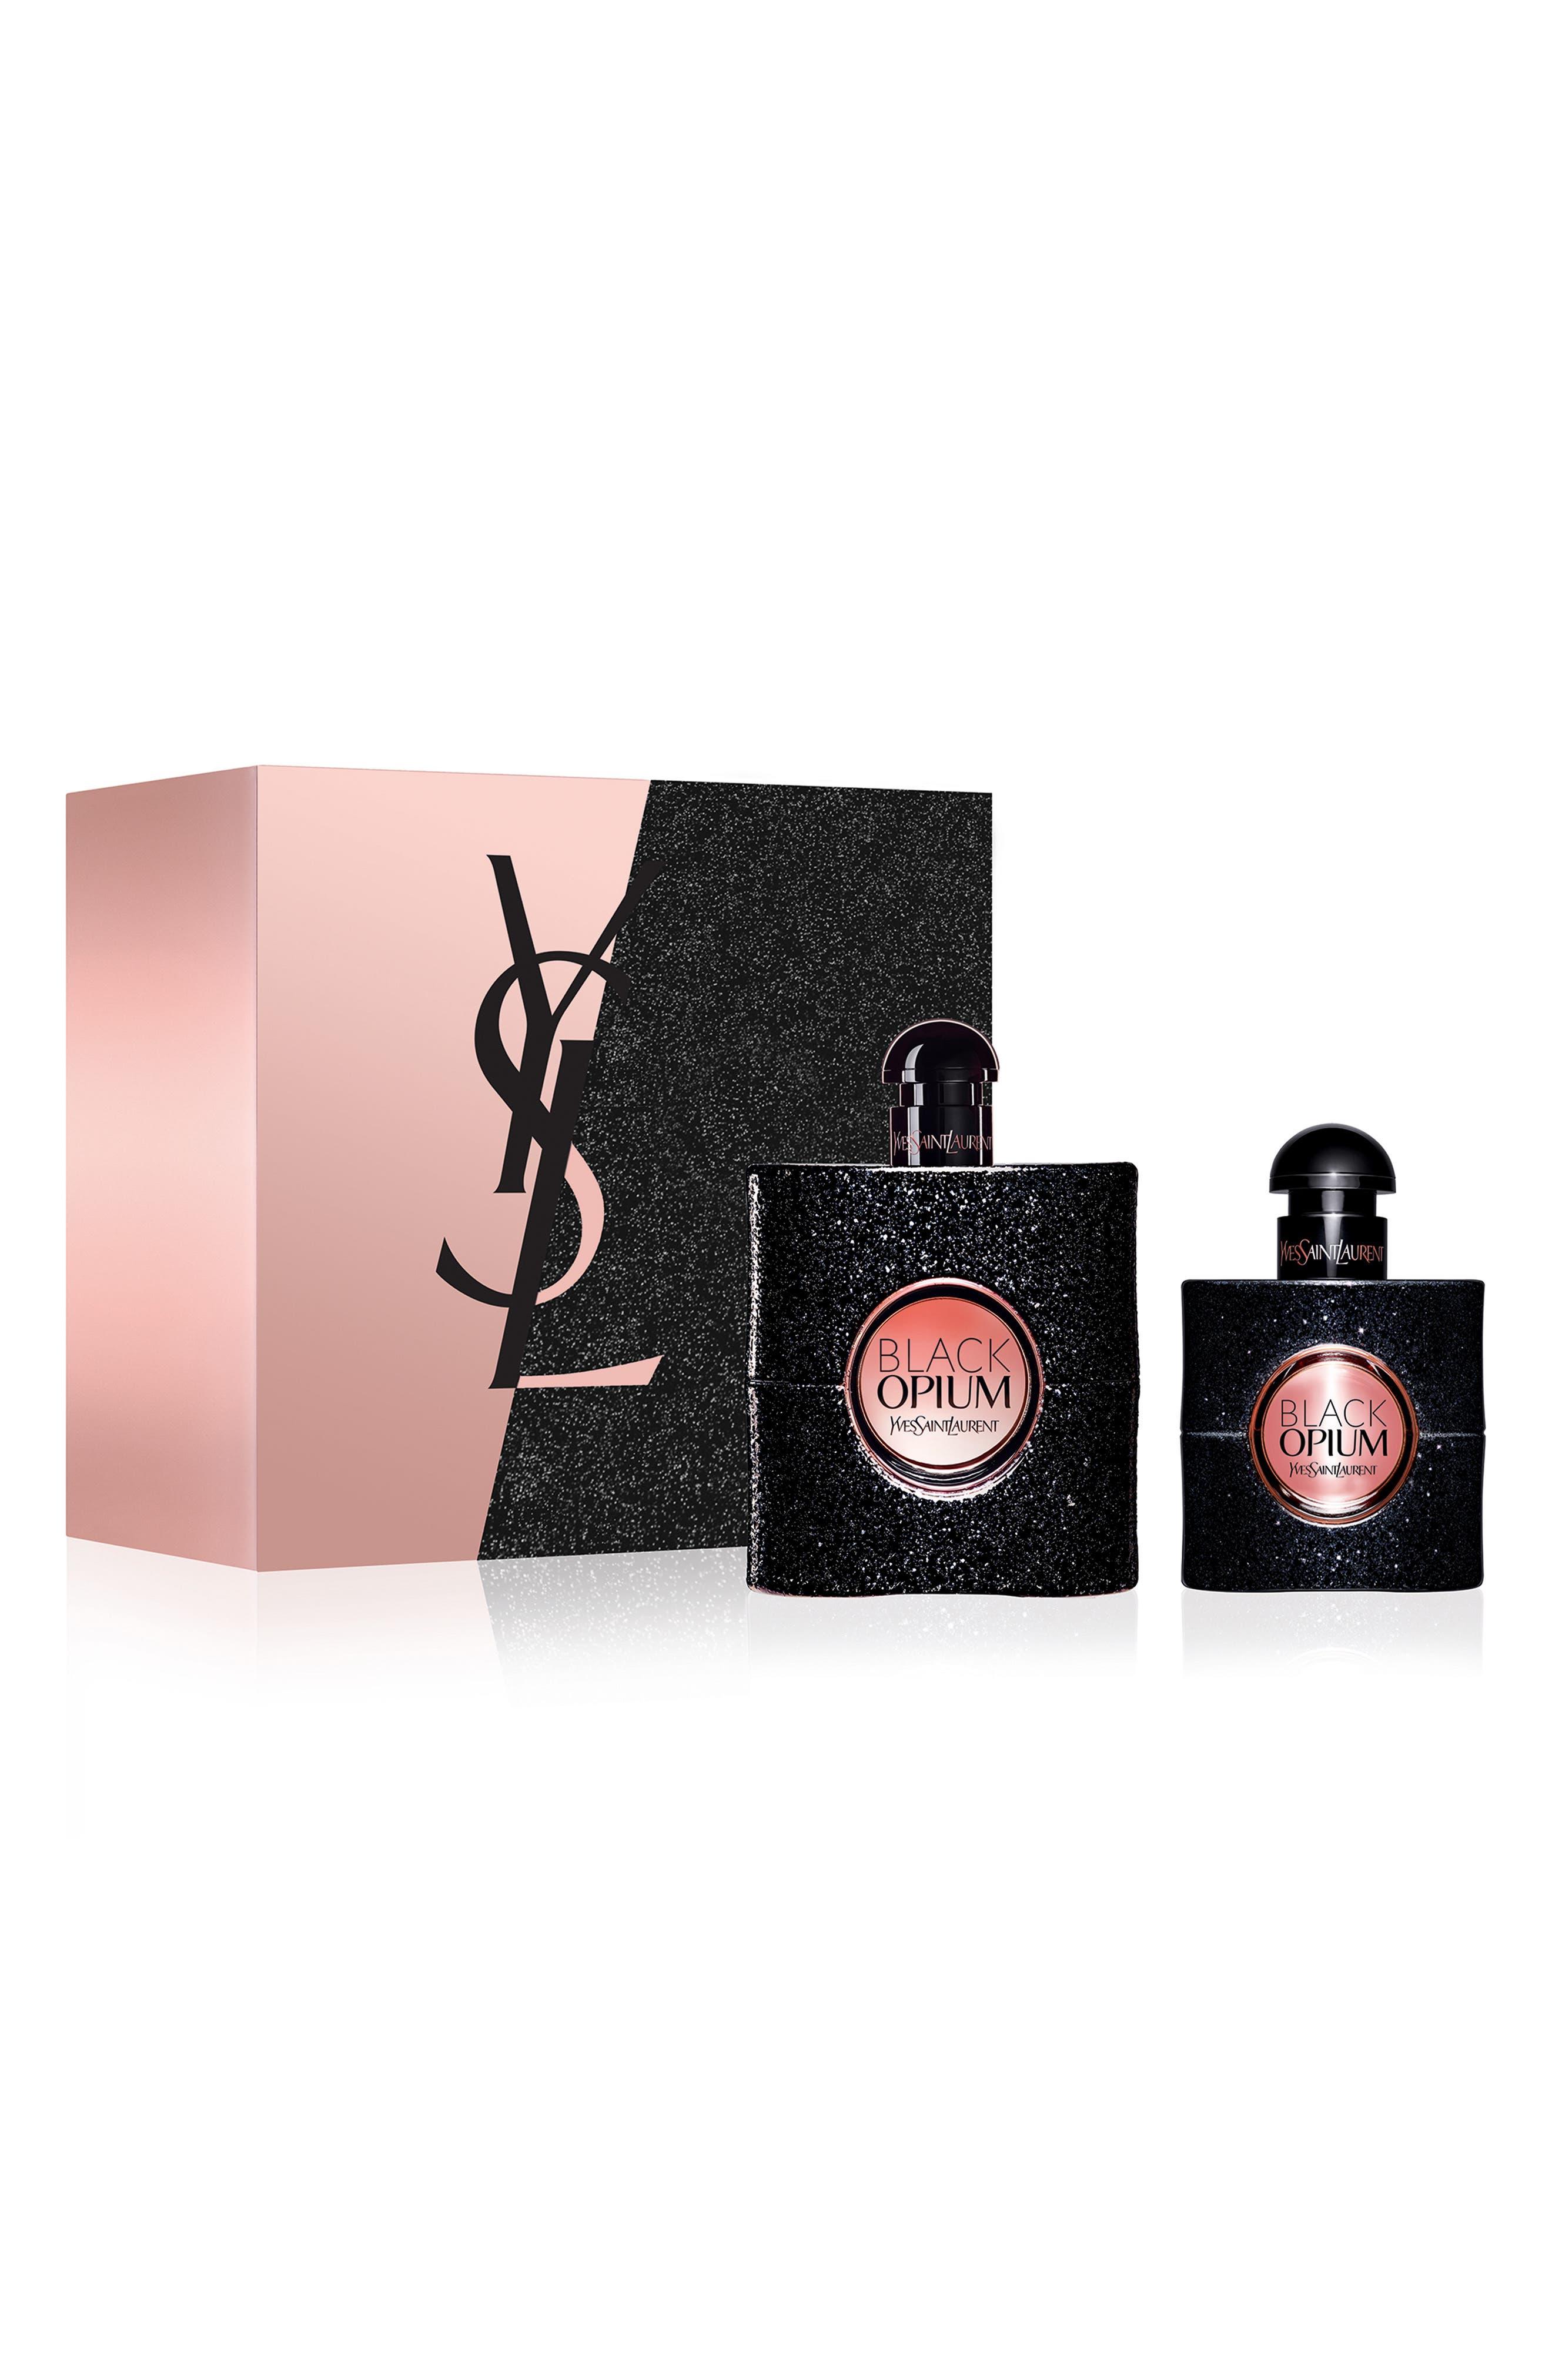 Black Opium Eau de Parfum Set,                             Main thumbnail 1, color,                             000